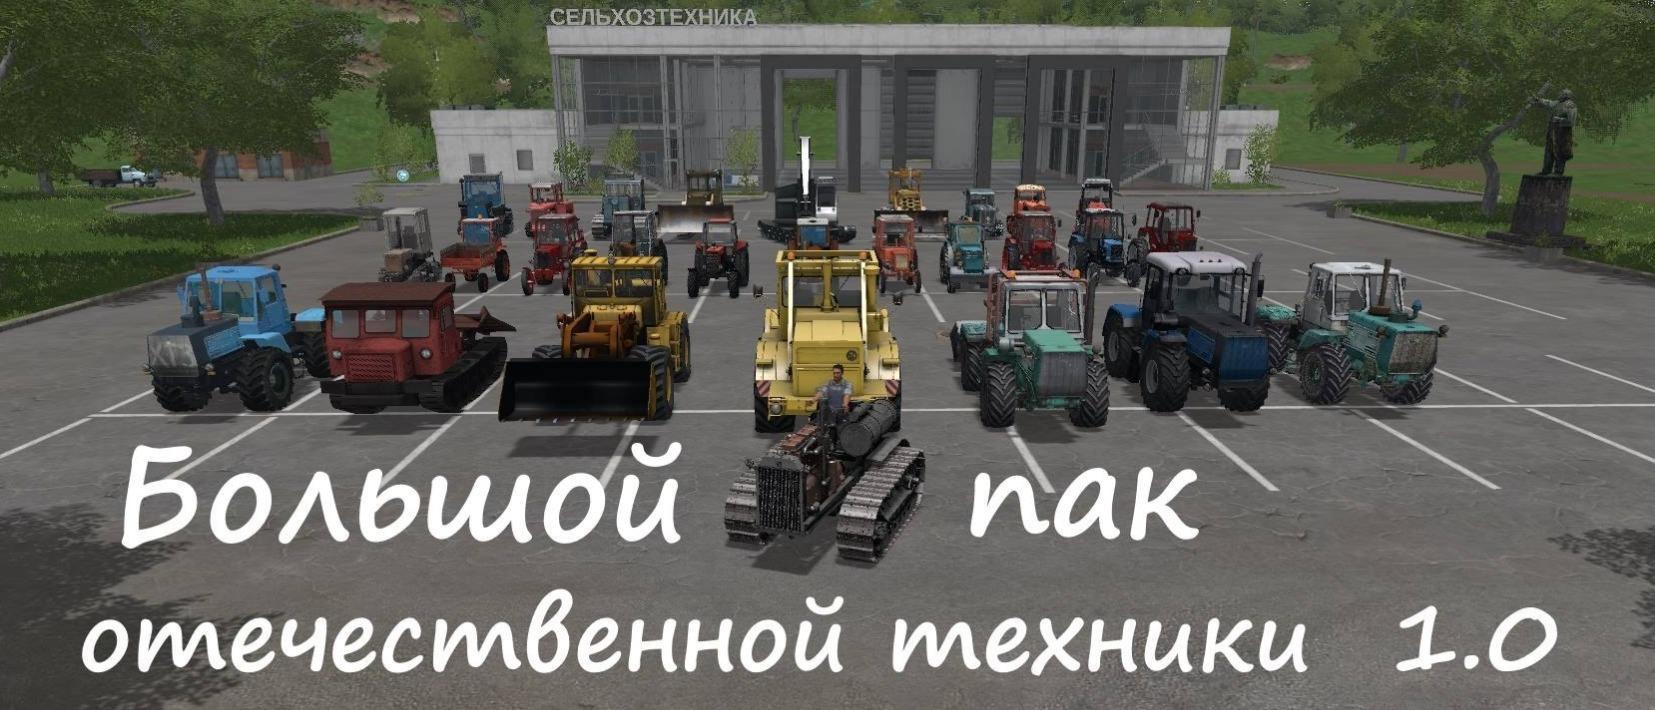 Скачать моды для farming simulator 2018 gs10